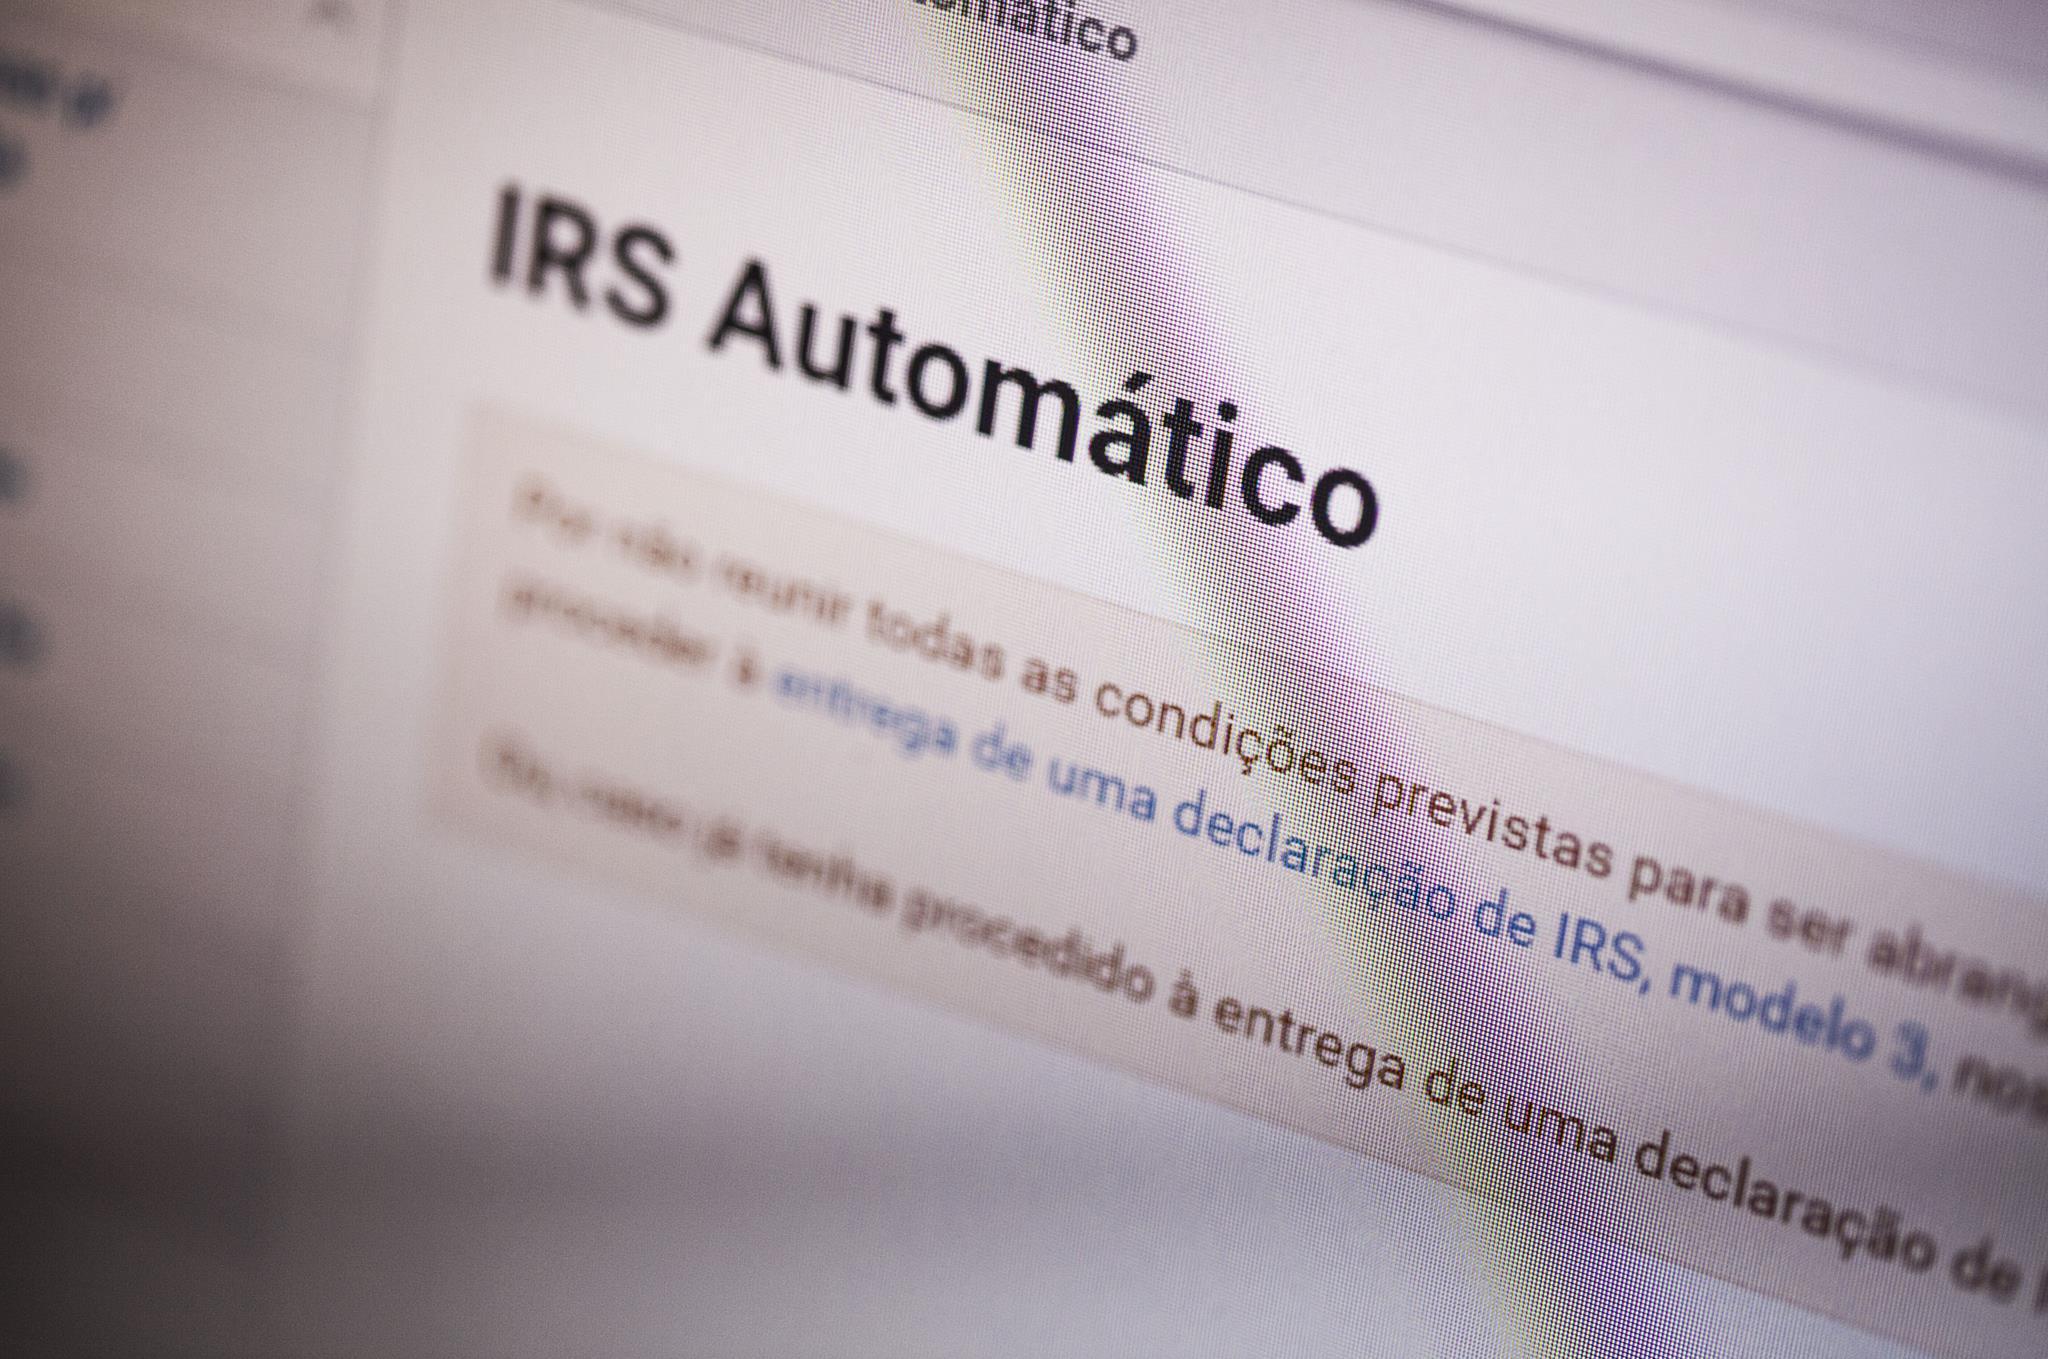 IRS automático para quem tem filhos já tem regras definidas